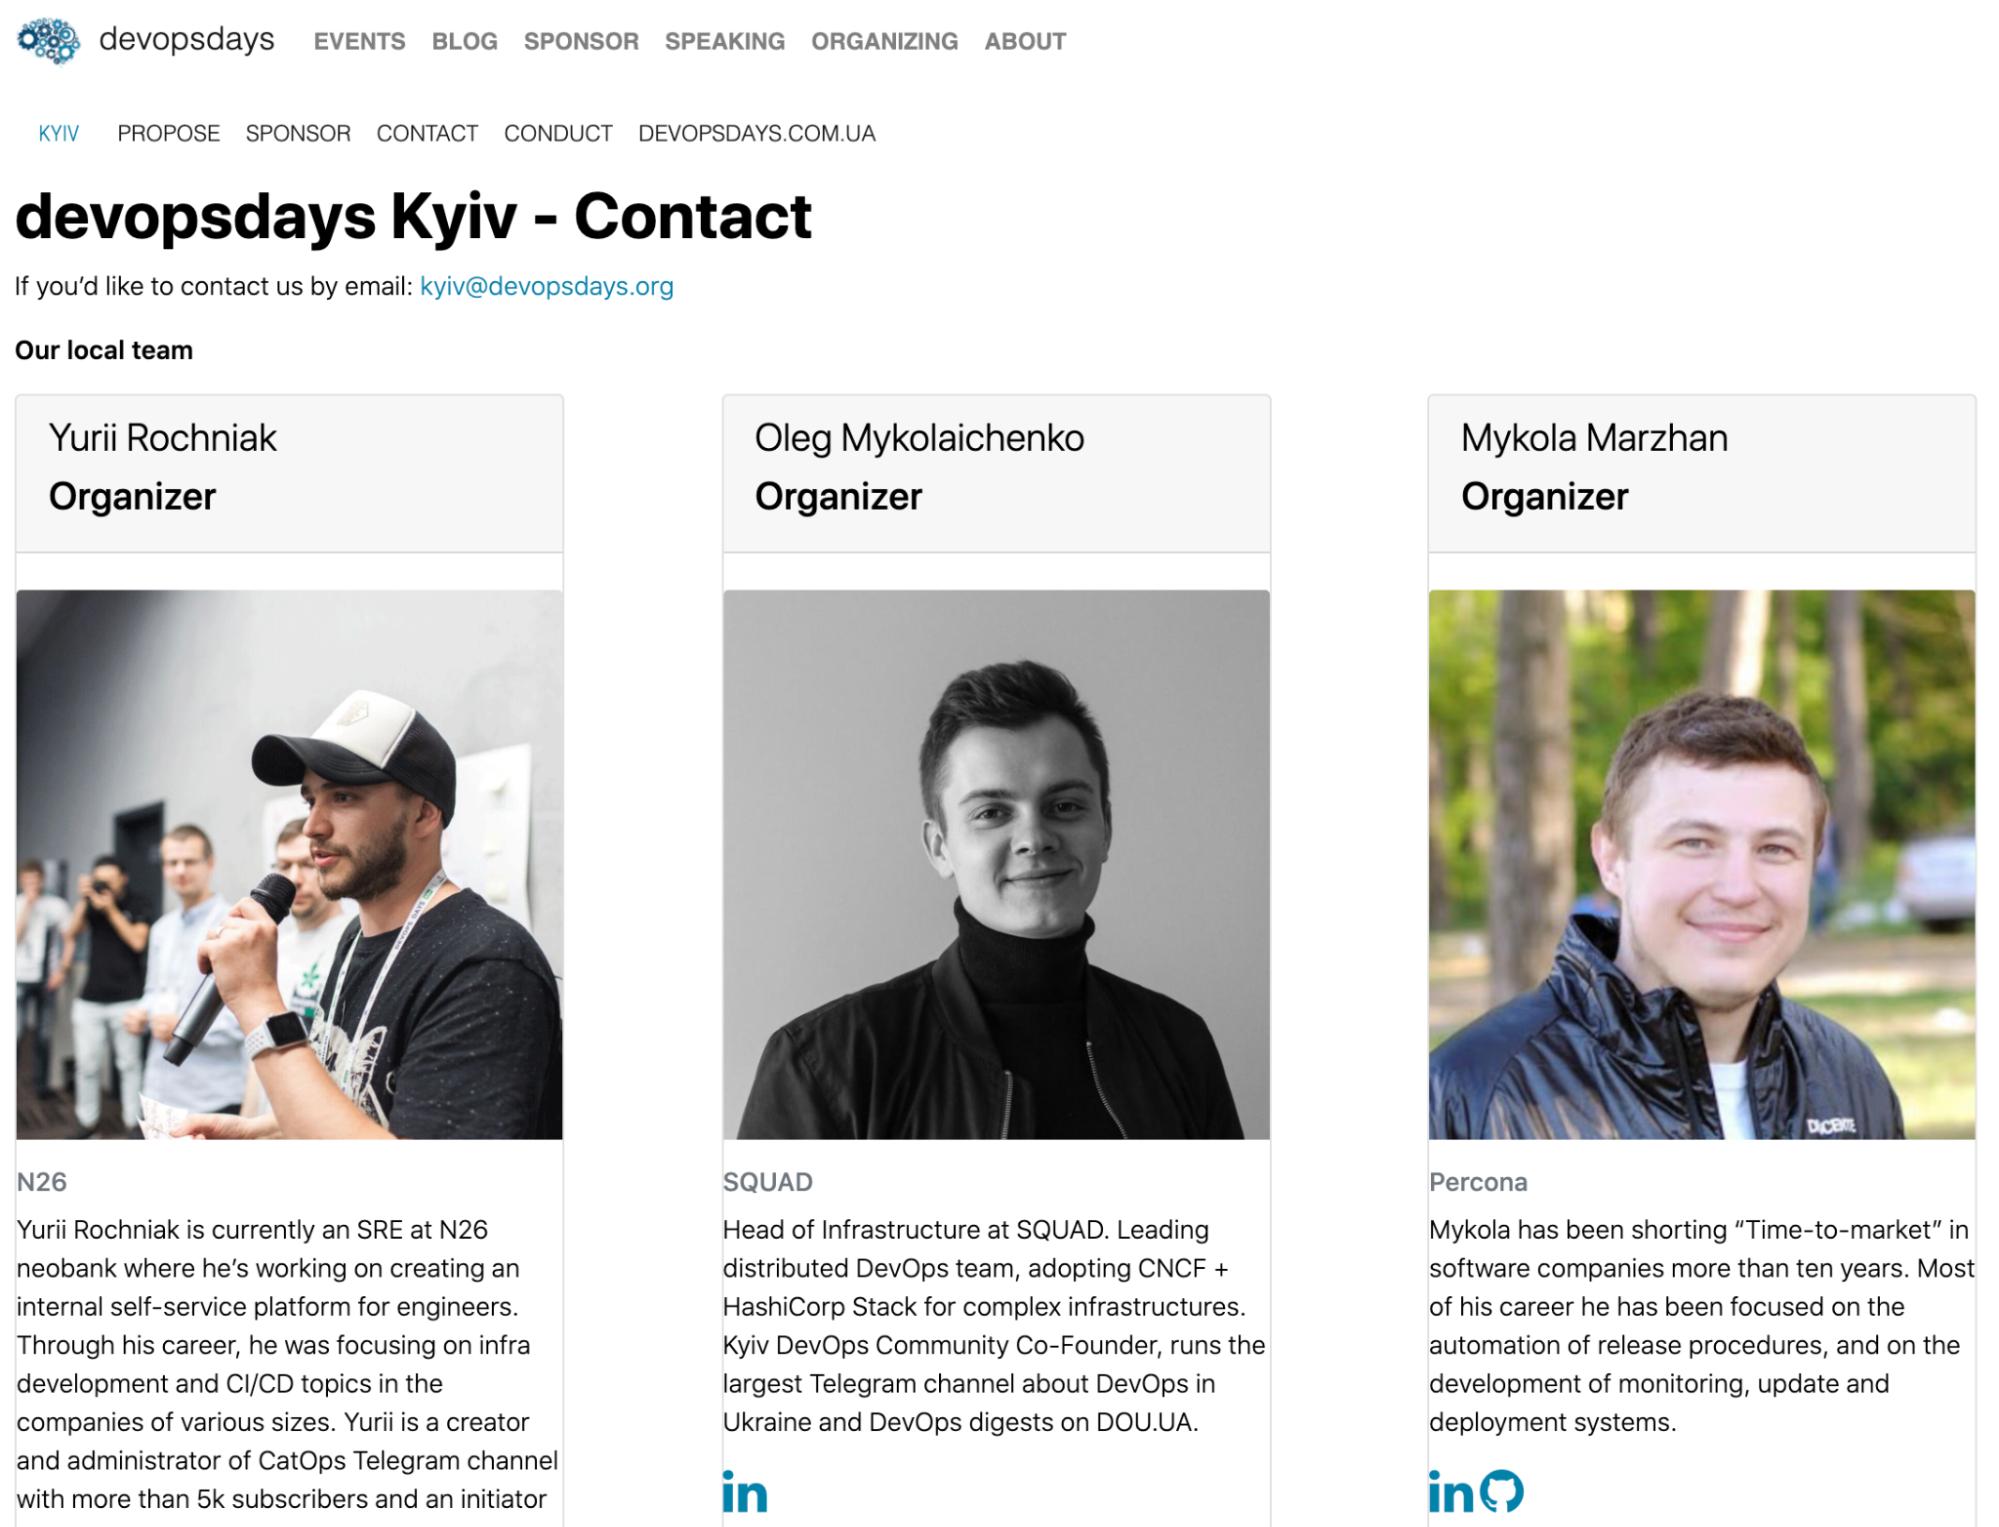 До 2020 года DevOps Days Kyiv делали Mykola Marzhan и Yurii Rochniak, Олег присоединился и отвечал за локальных спикеров на Lightning talk